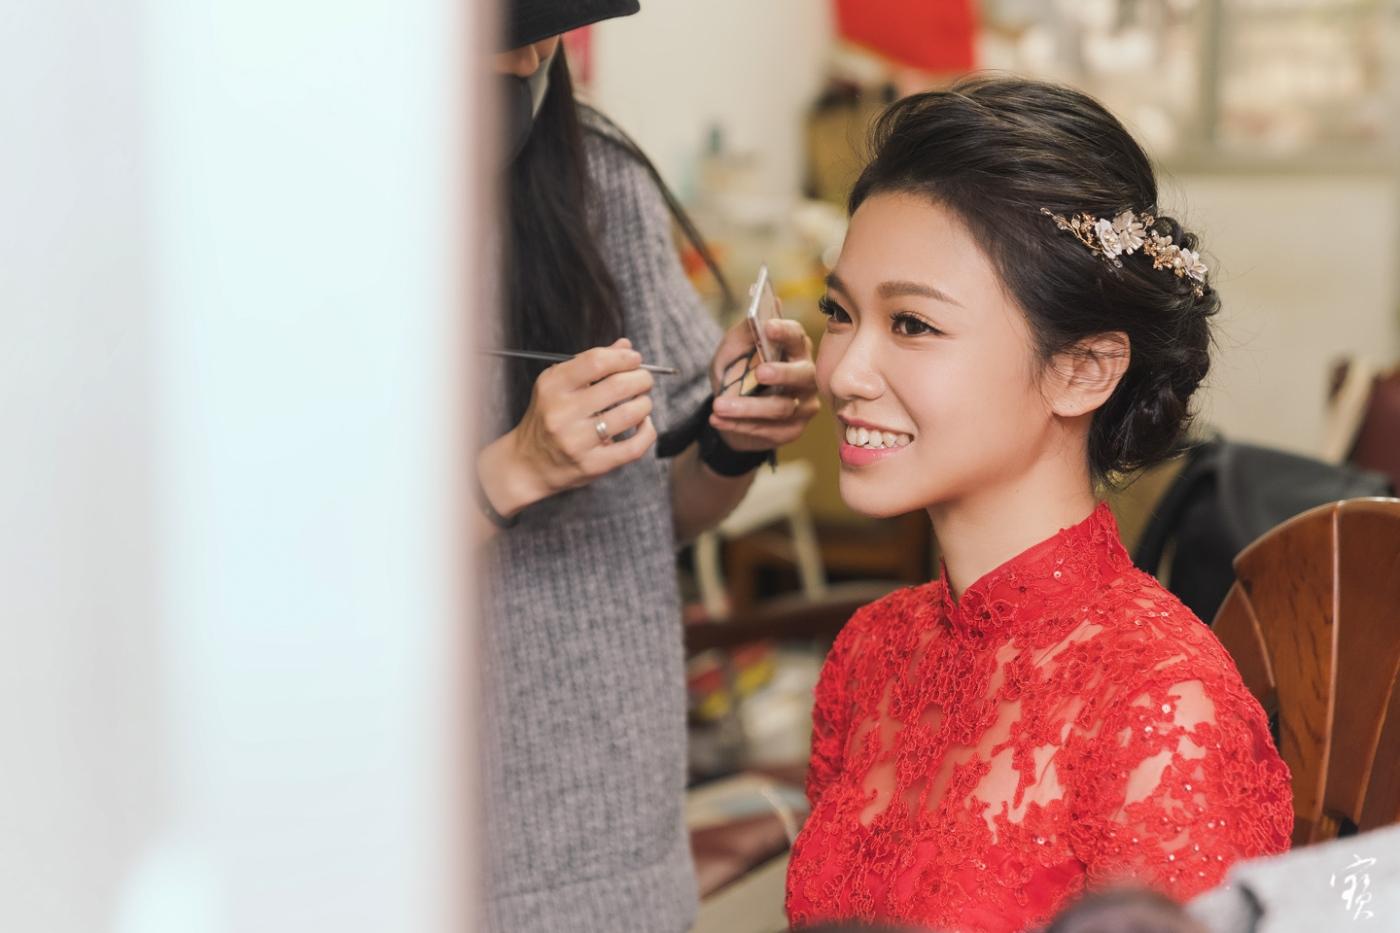 婚禮攝影 婚紗 大直 典華 冬半影像 攝影師大寶 北部攝影 台北攝影 桃園攝影 新竹攝影20181208-28